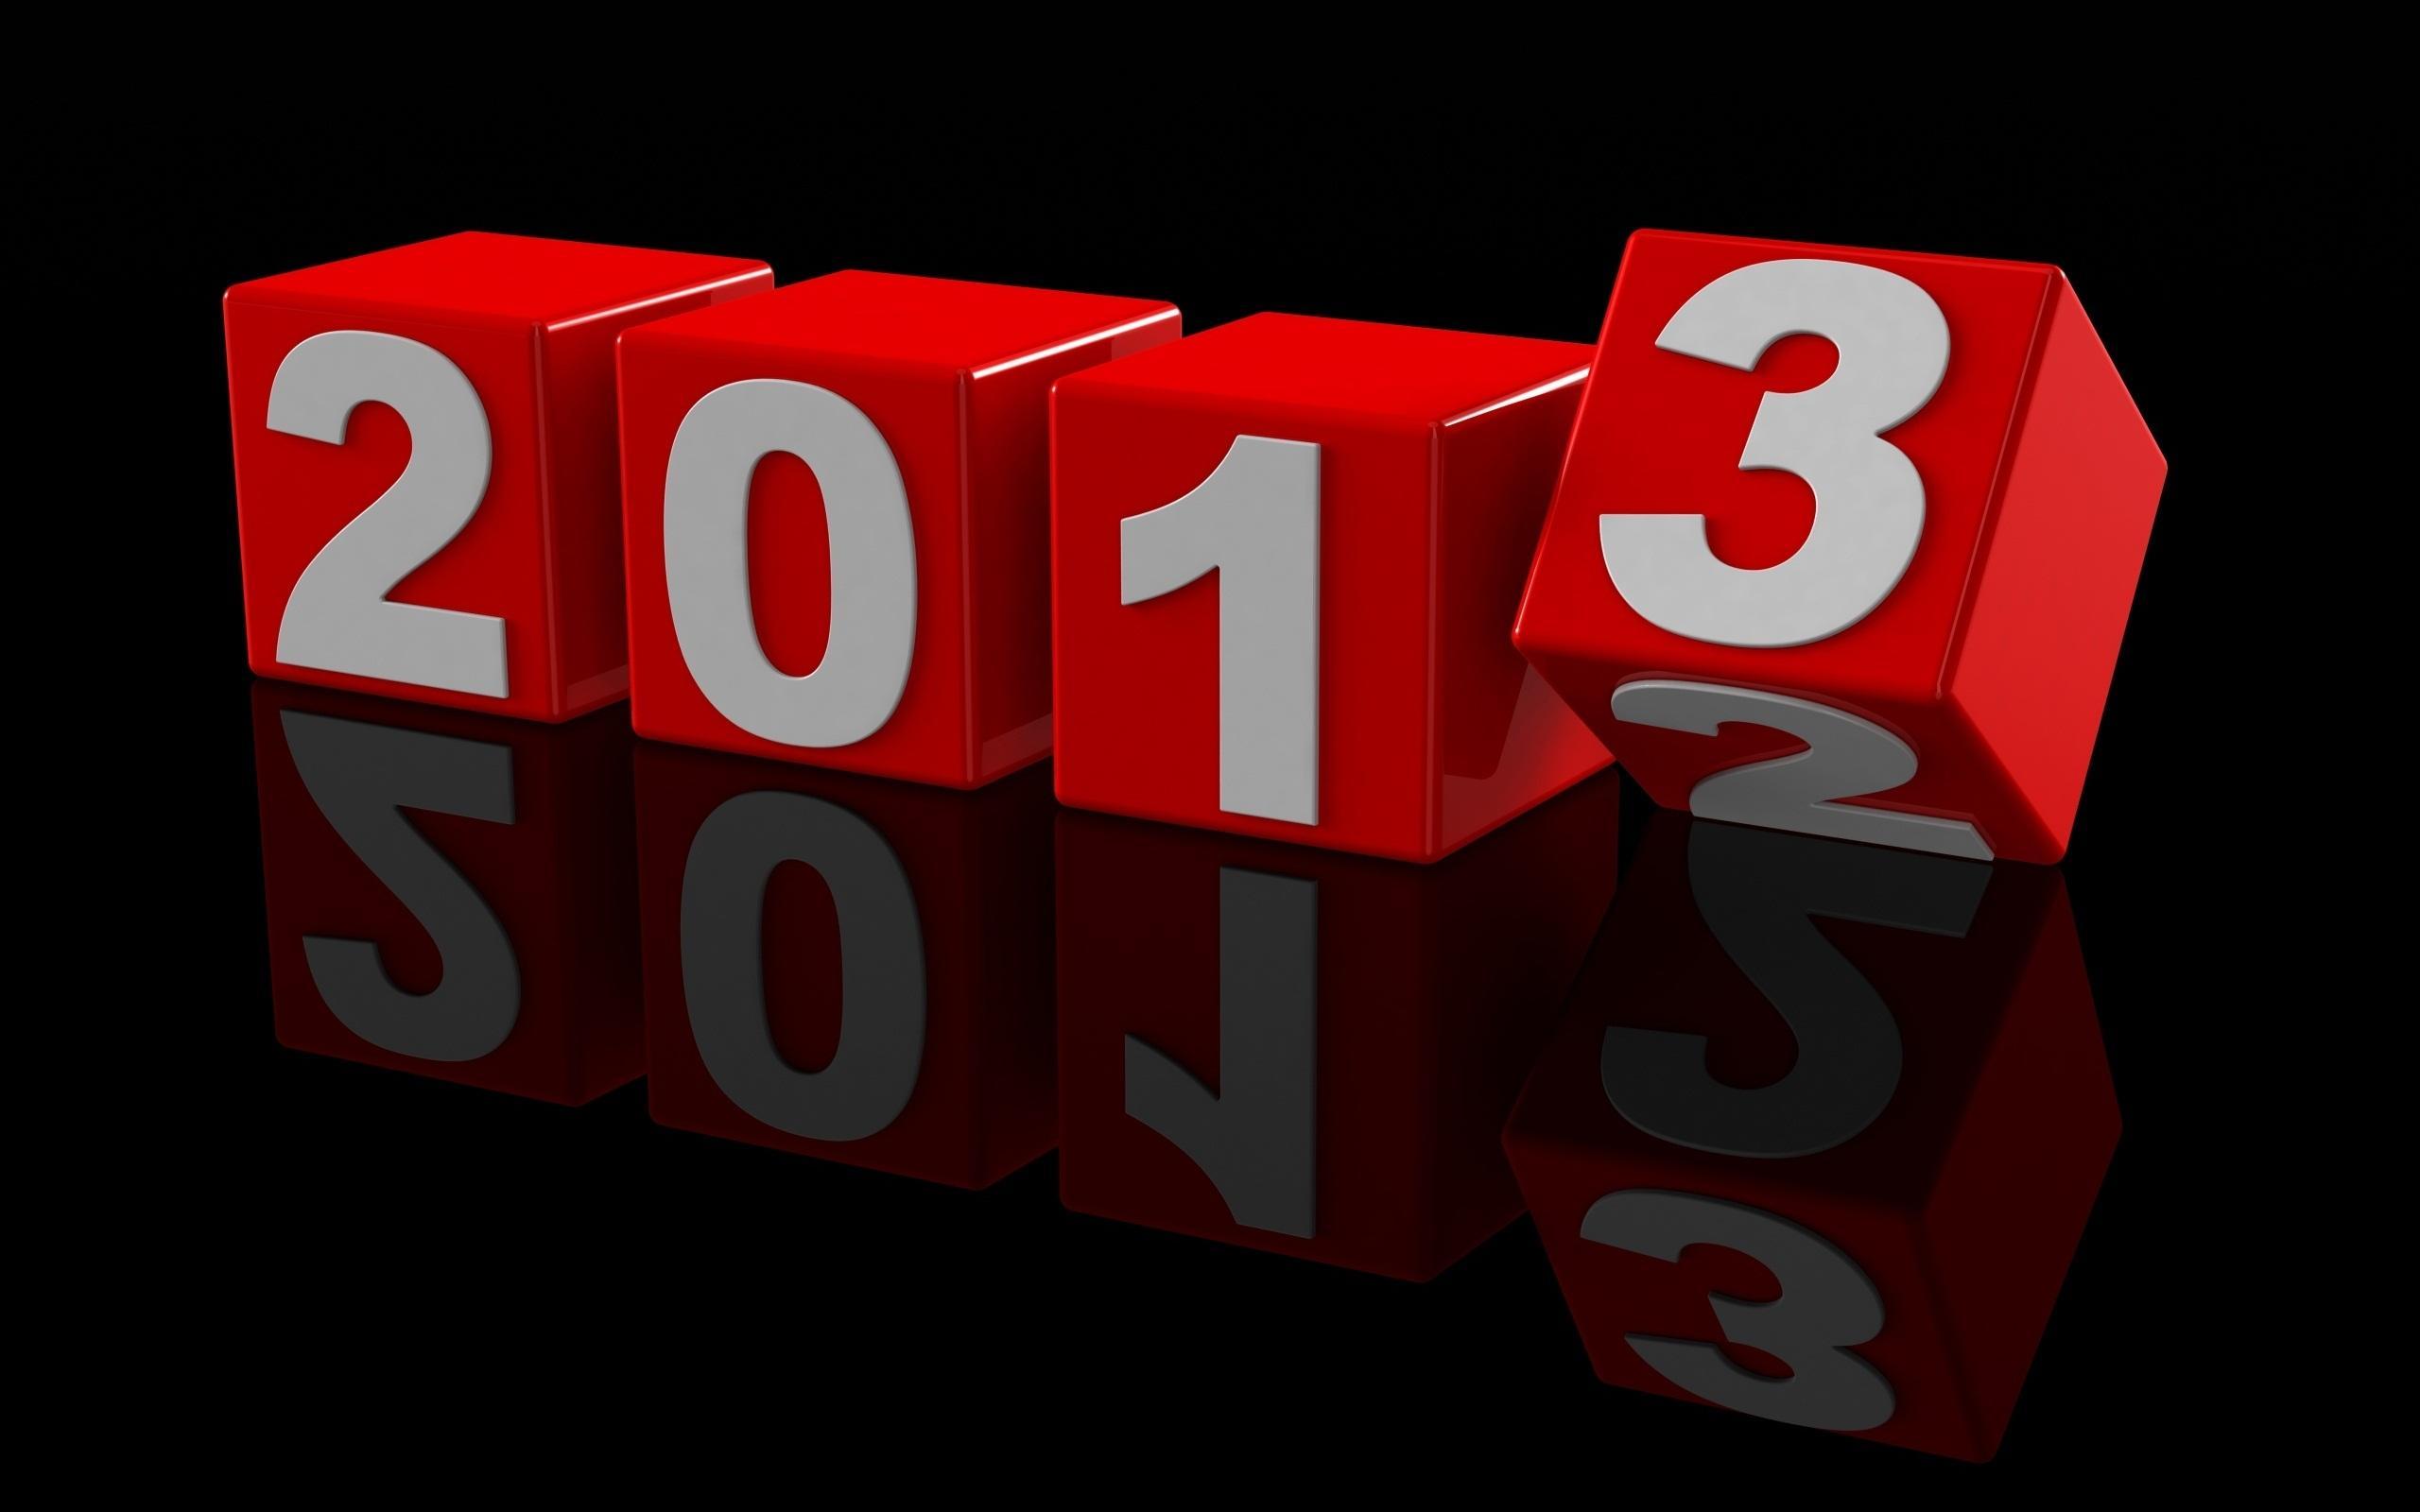 Топ-15 бизнес-книг 2013 года